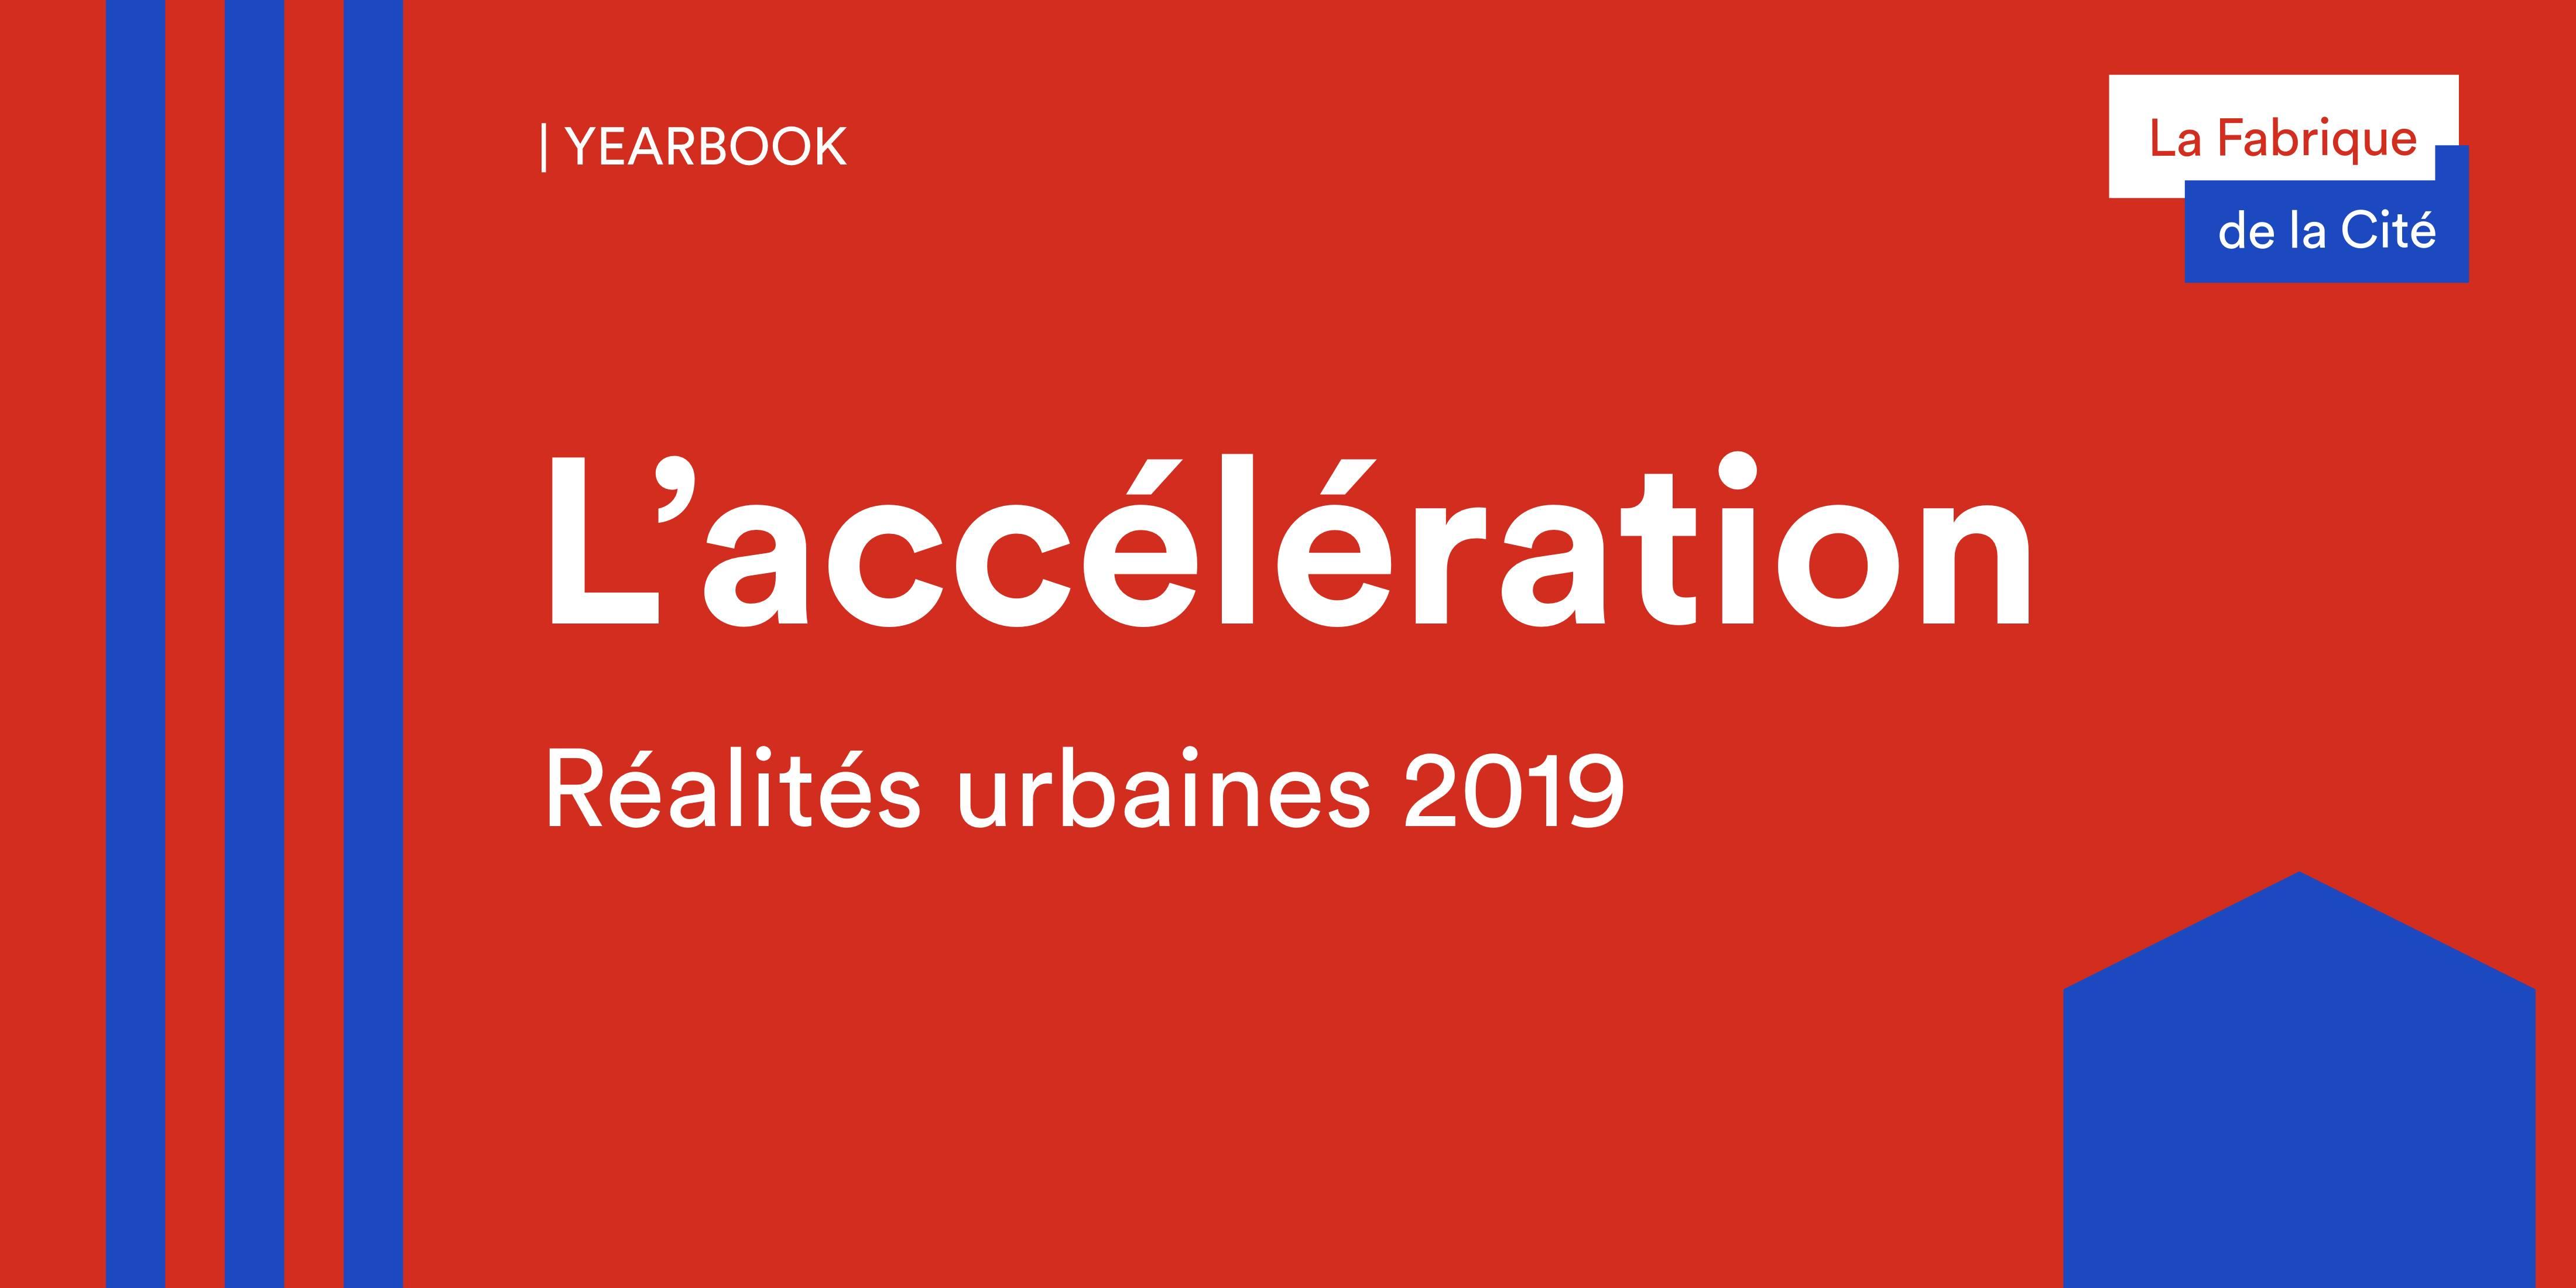 Yearbook 2019 de La Fabrique de la Cité - L'accélération